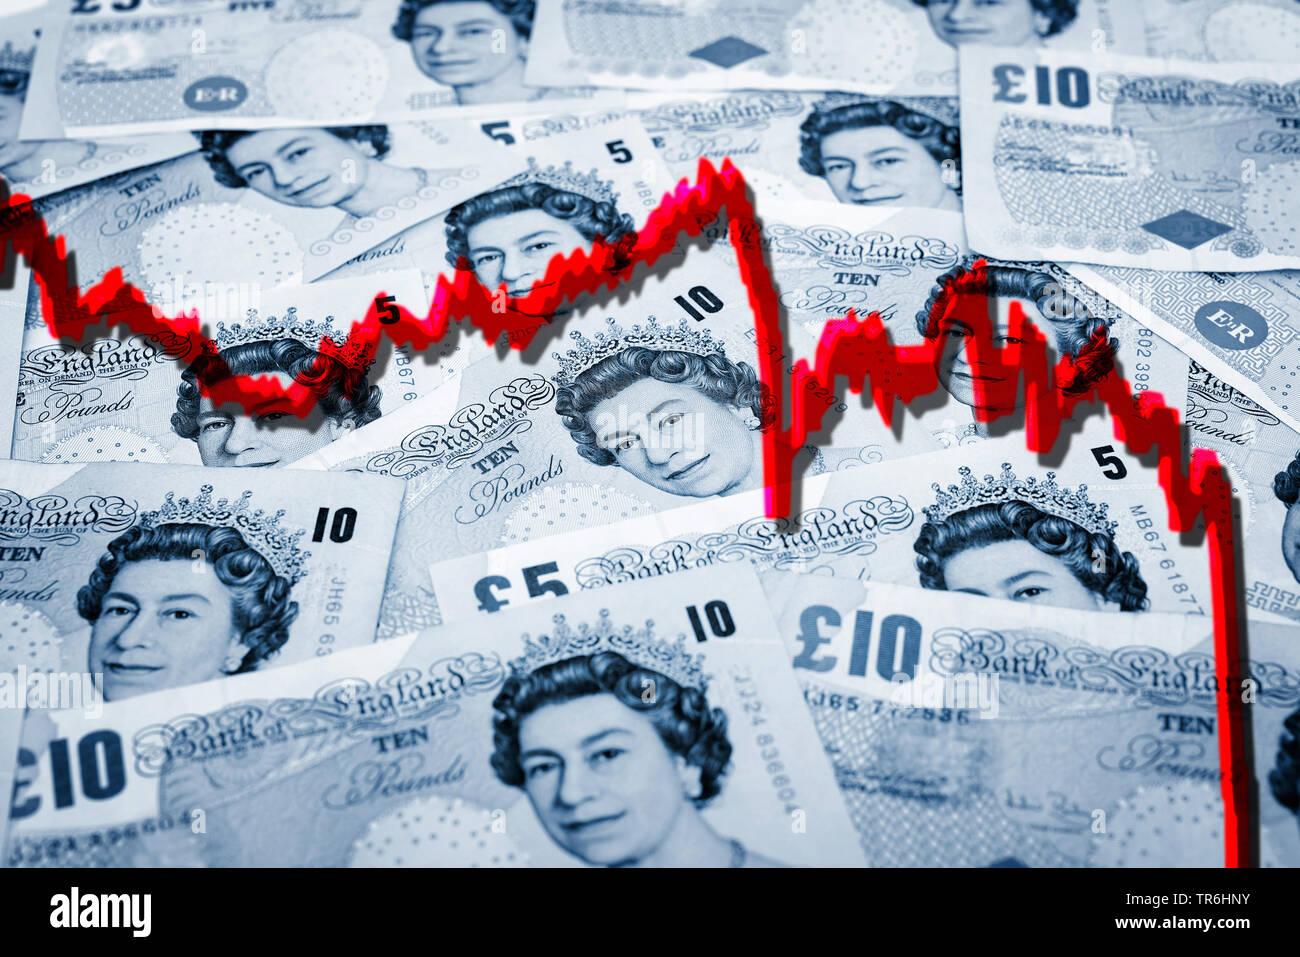 britische Pfundnoten mit sinkender Kurskurve, Brexit   british pound bills with sinking curve   BLWS484731.jpg [ (c) blickwinkel/McPHOTO/C. Ohde Tel. - Stock Image